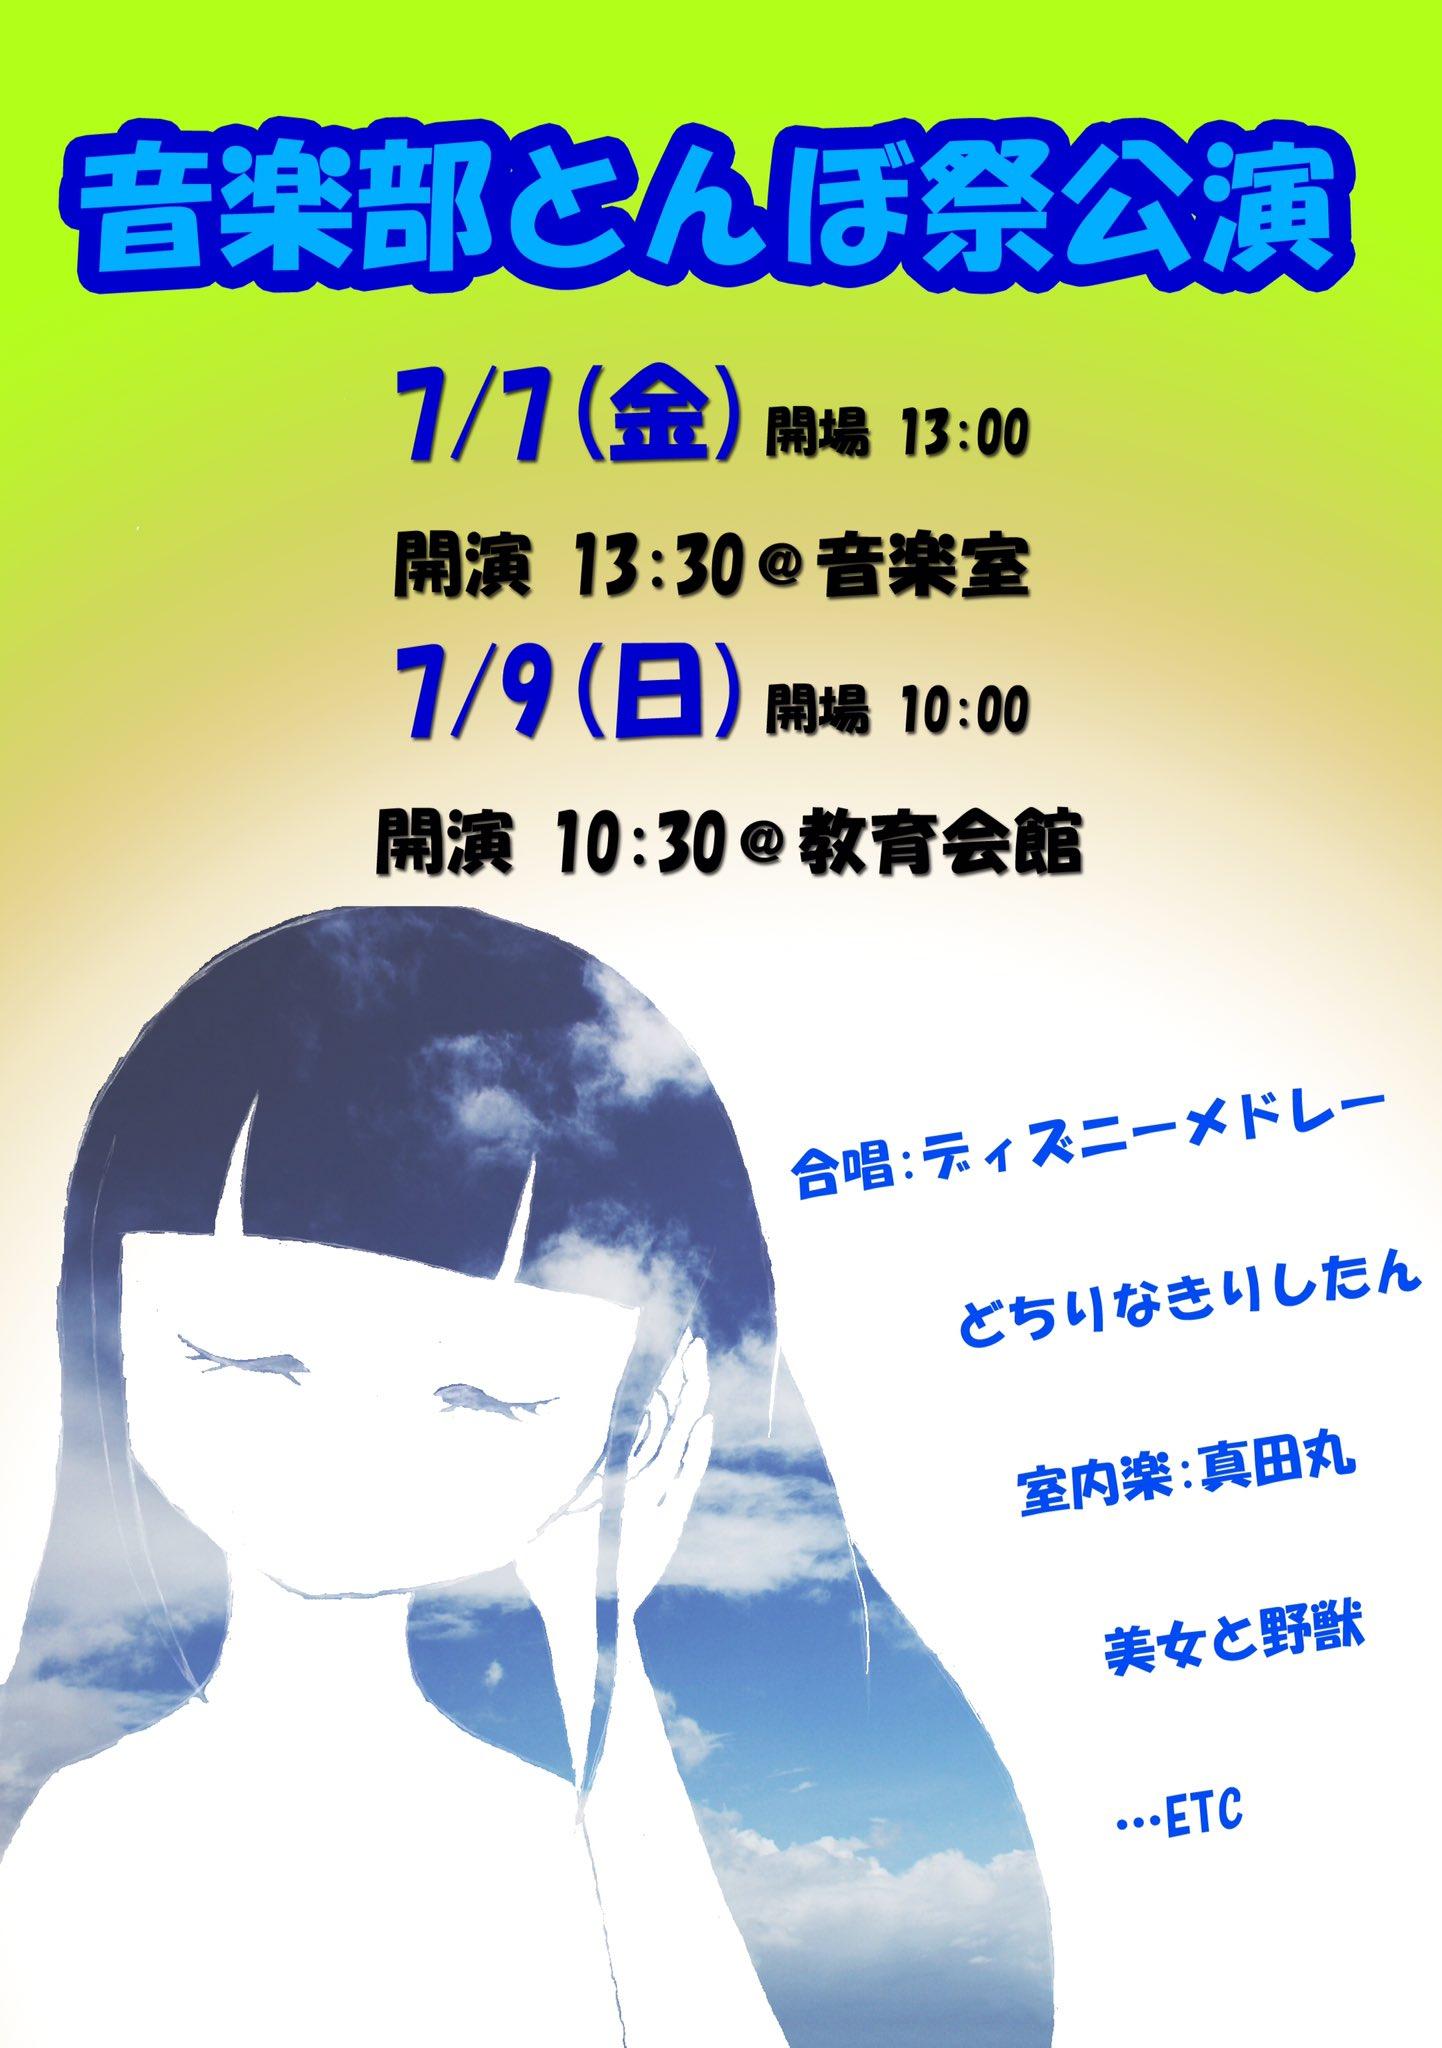 2017年第70回とんぼ祭音楽部定演チラシ